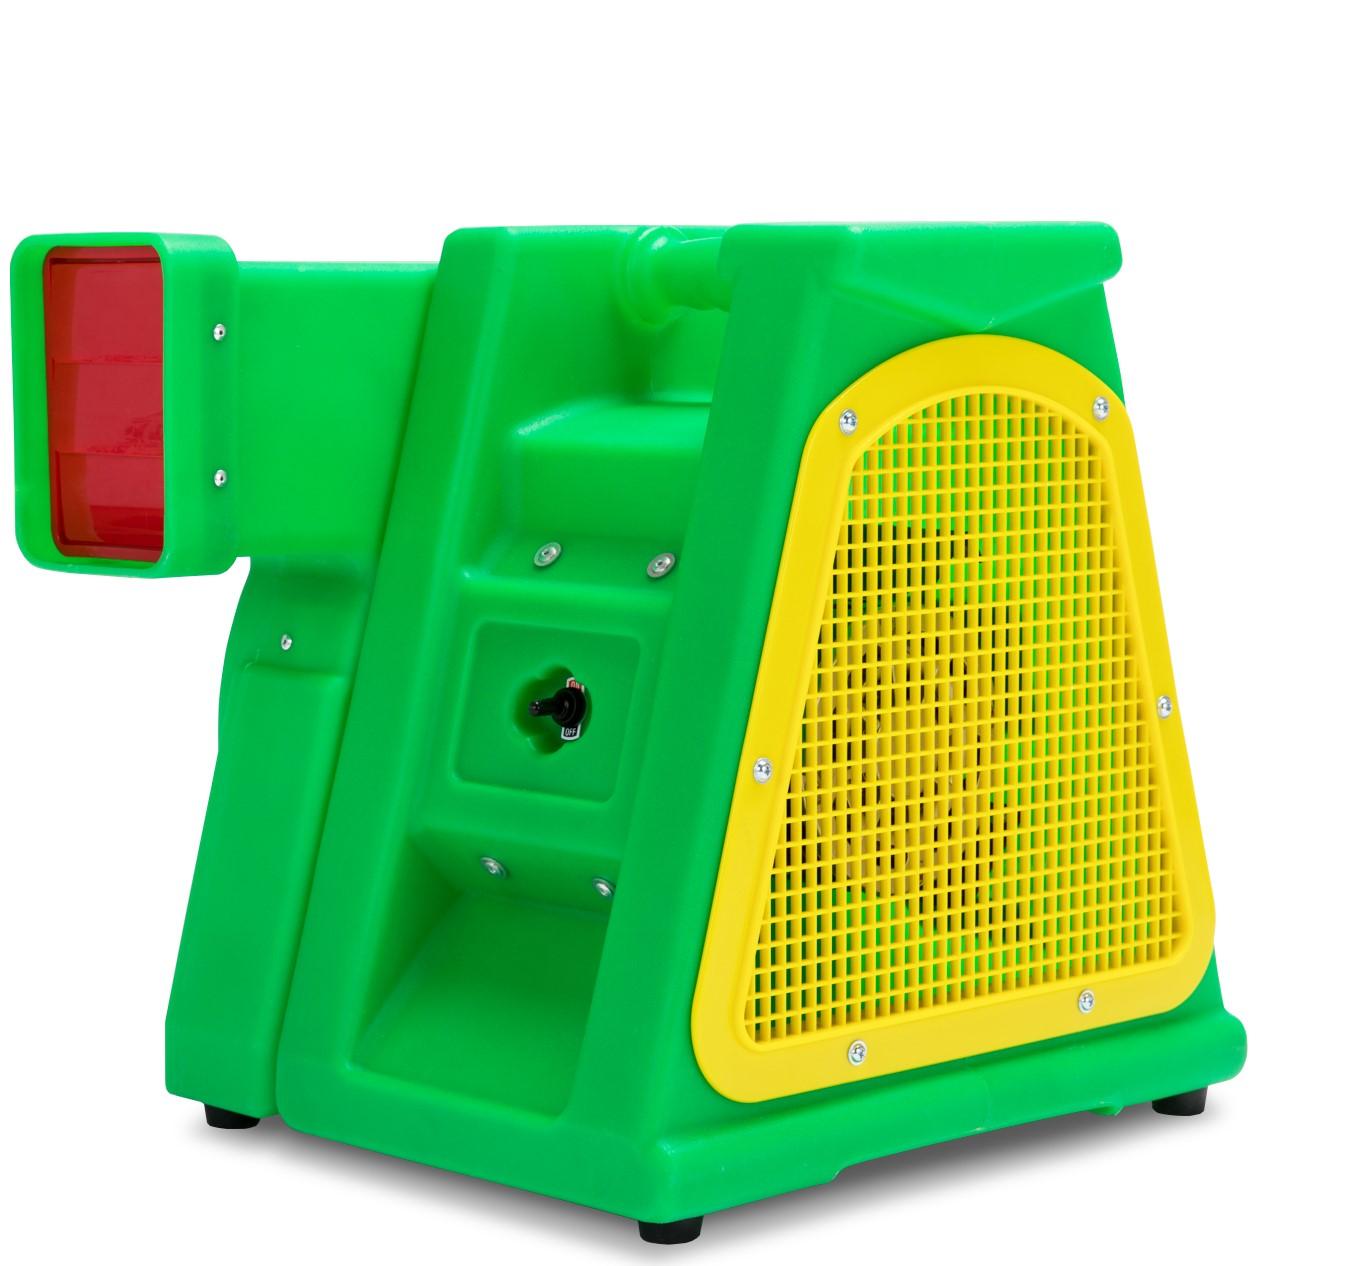 Gebläse B-Air Kodiak 2 PS (Kunststoffgehäuse)